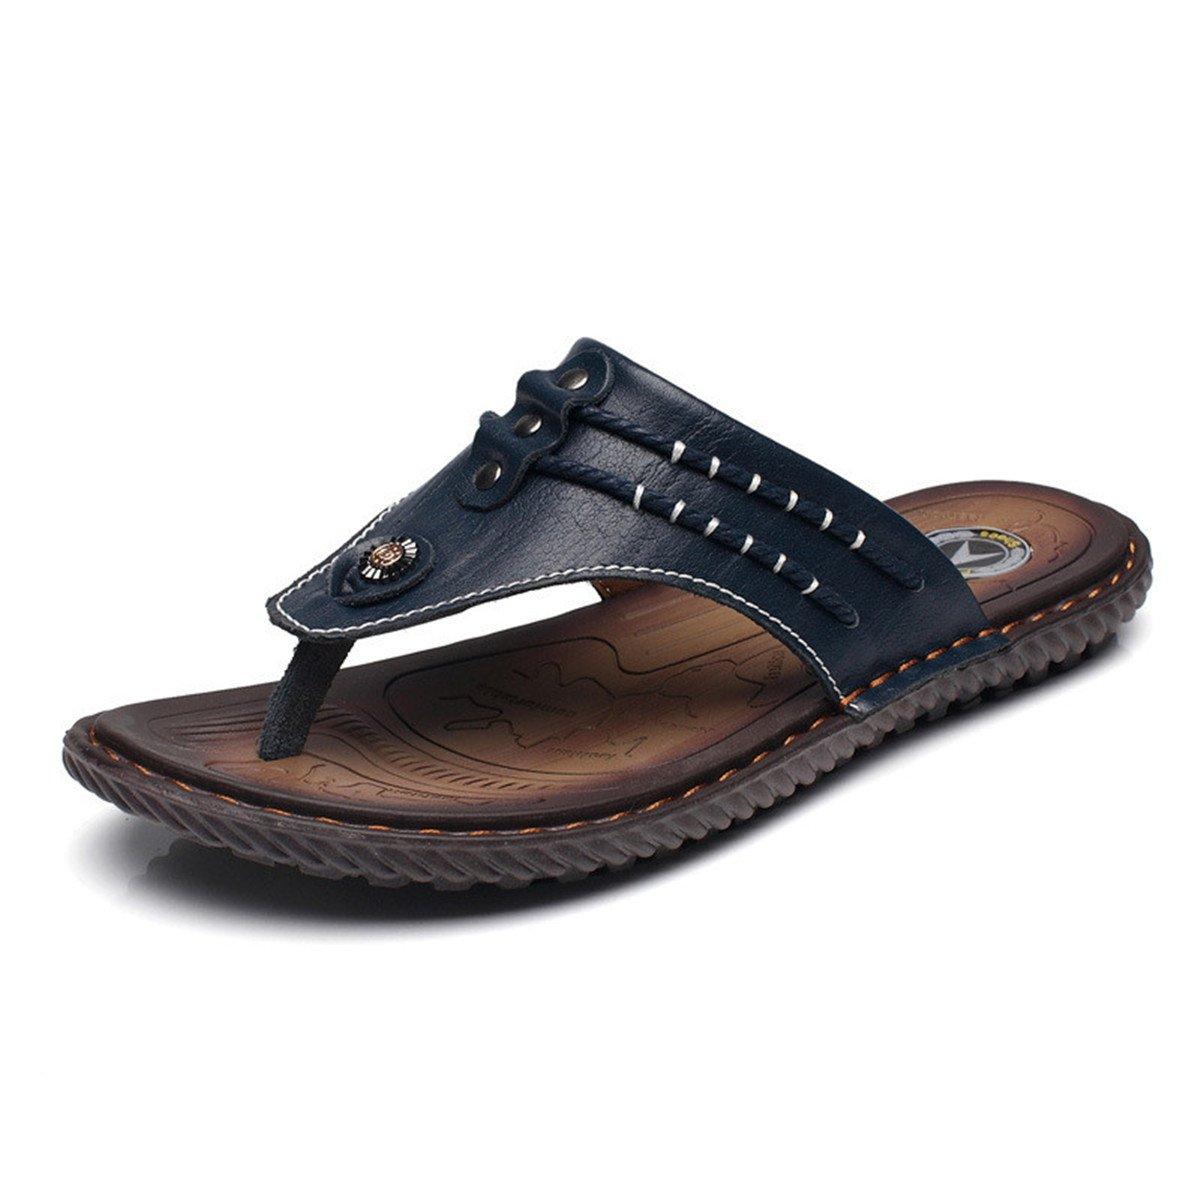 Gracosy Flip Flops, Unisex Zehentrenner Flache Hausschuhe Pantoletten Sommer Schuhe Slippers Weich Anti-Rutsch T-Strap Sandalen fuuml;r Herren Damenr  38 EU|Blau3 Uk-lager